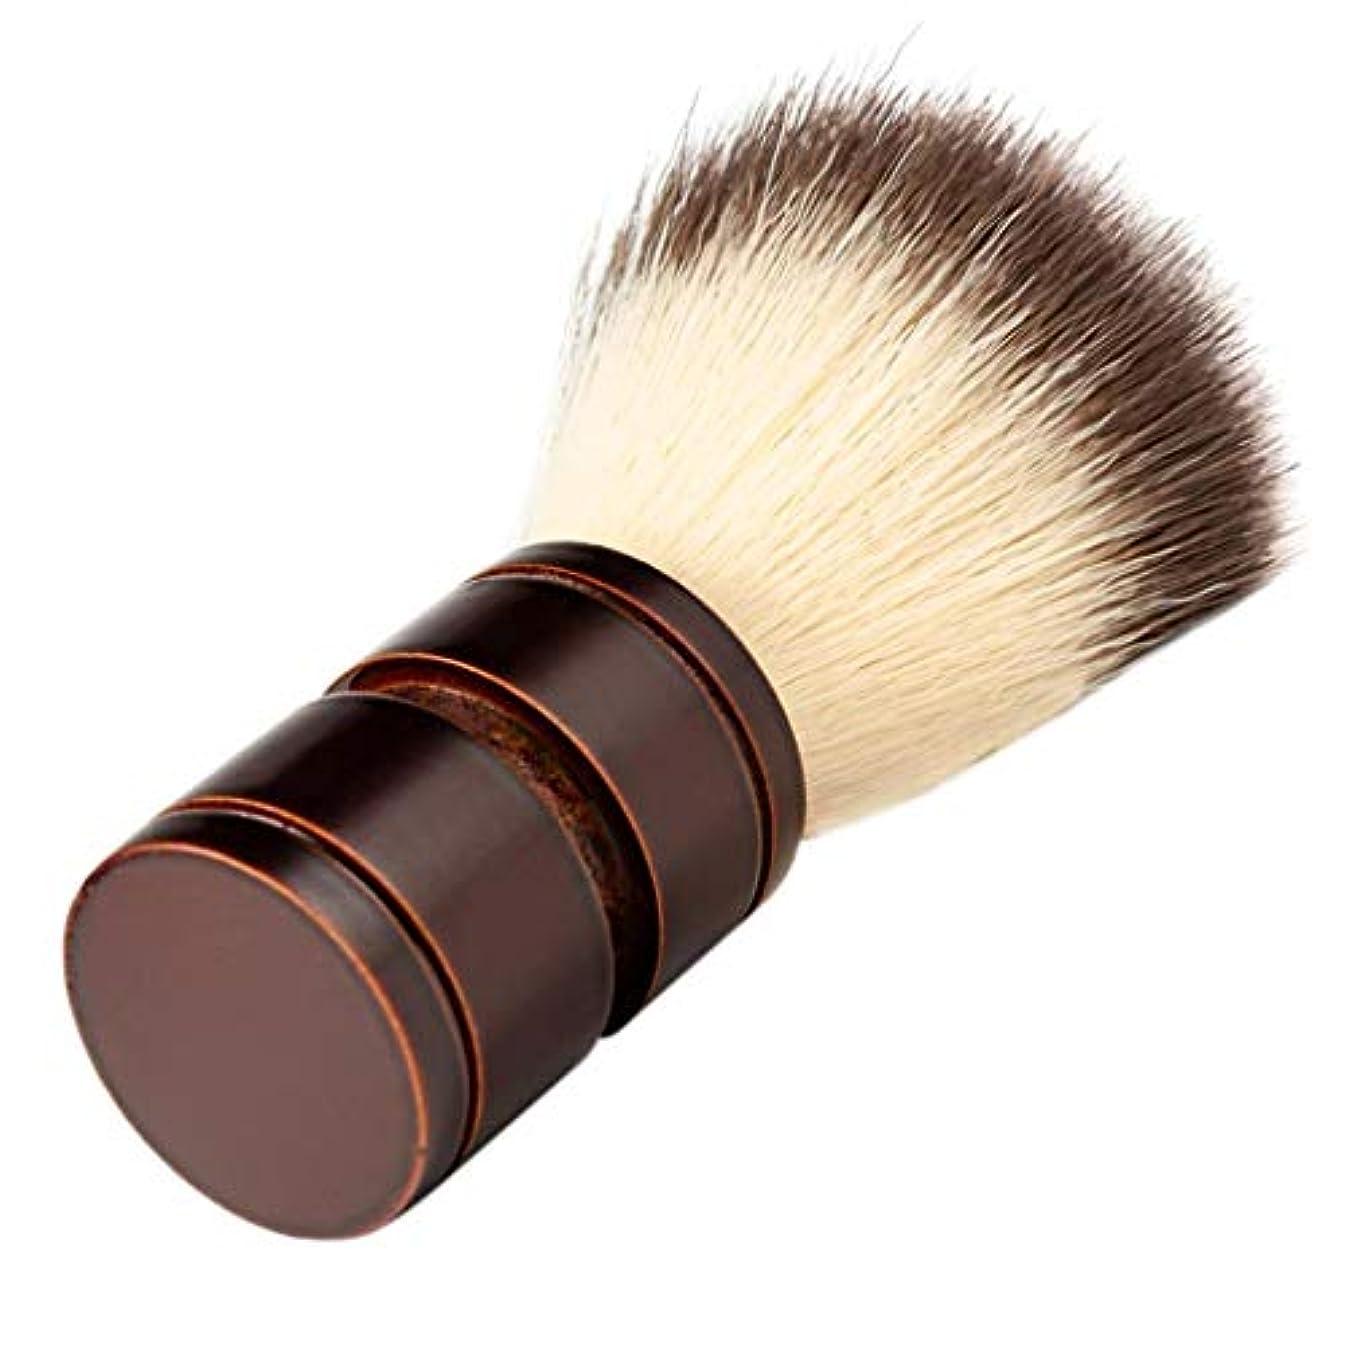 傾向があります試す周囲P Prettyia シェービング ブラシ メンズ ナイロン ひげブラシ 洗顔ブラシ 理容 洗顔 髭剃り 泡立ち